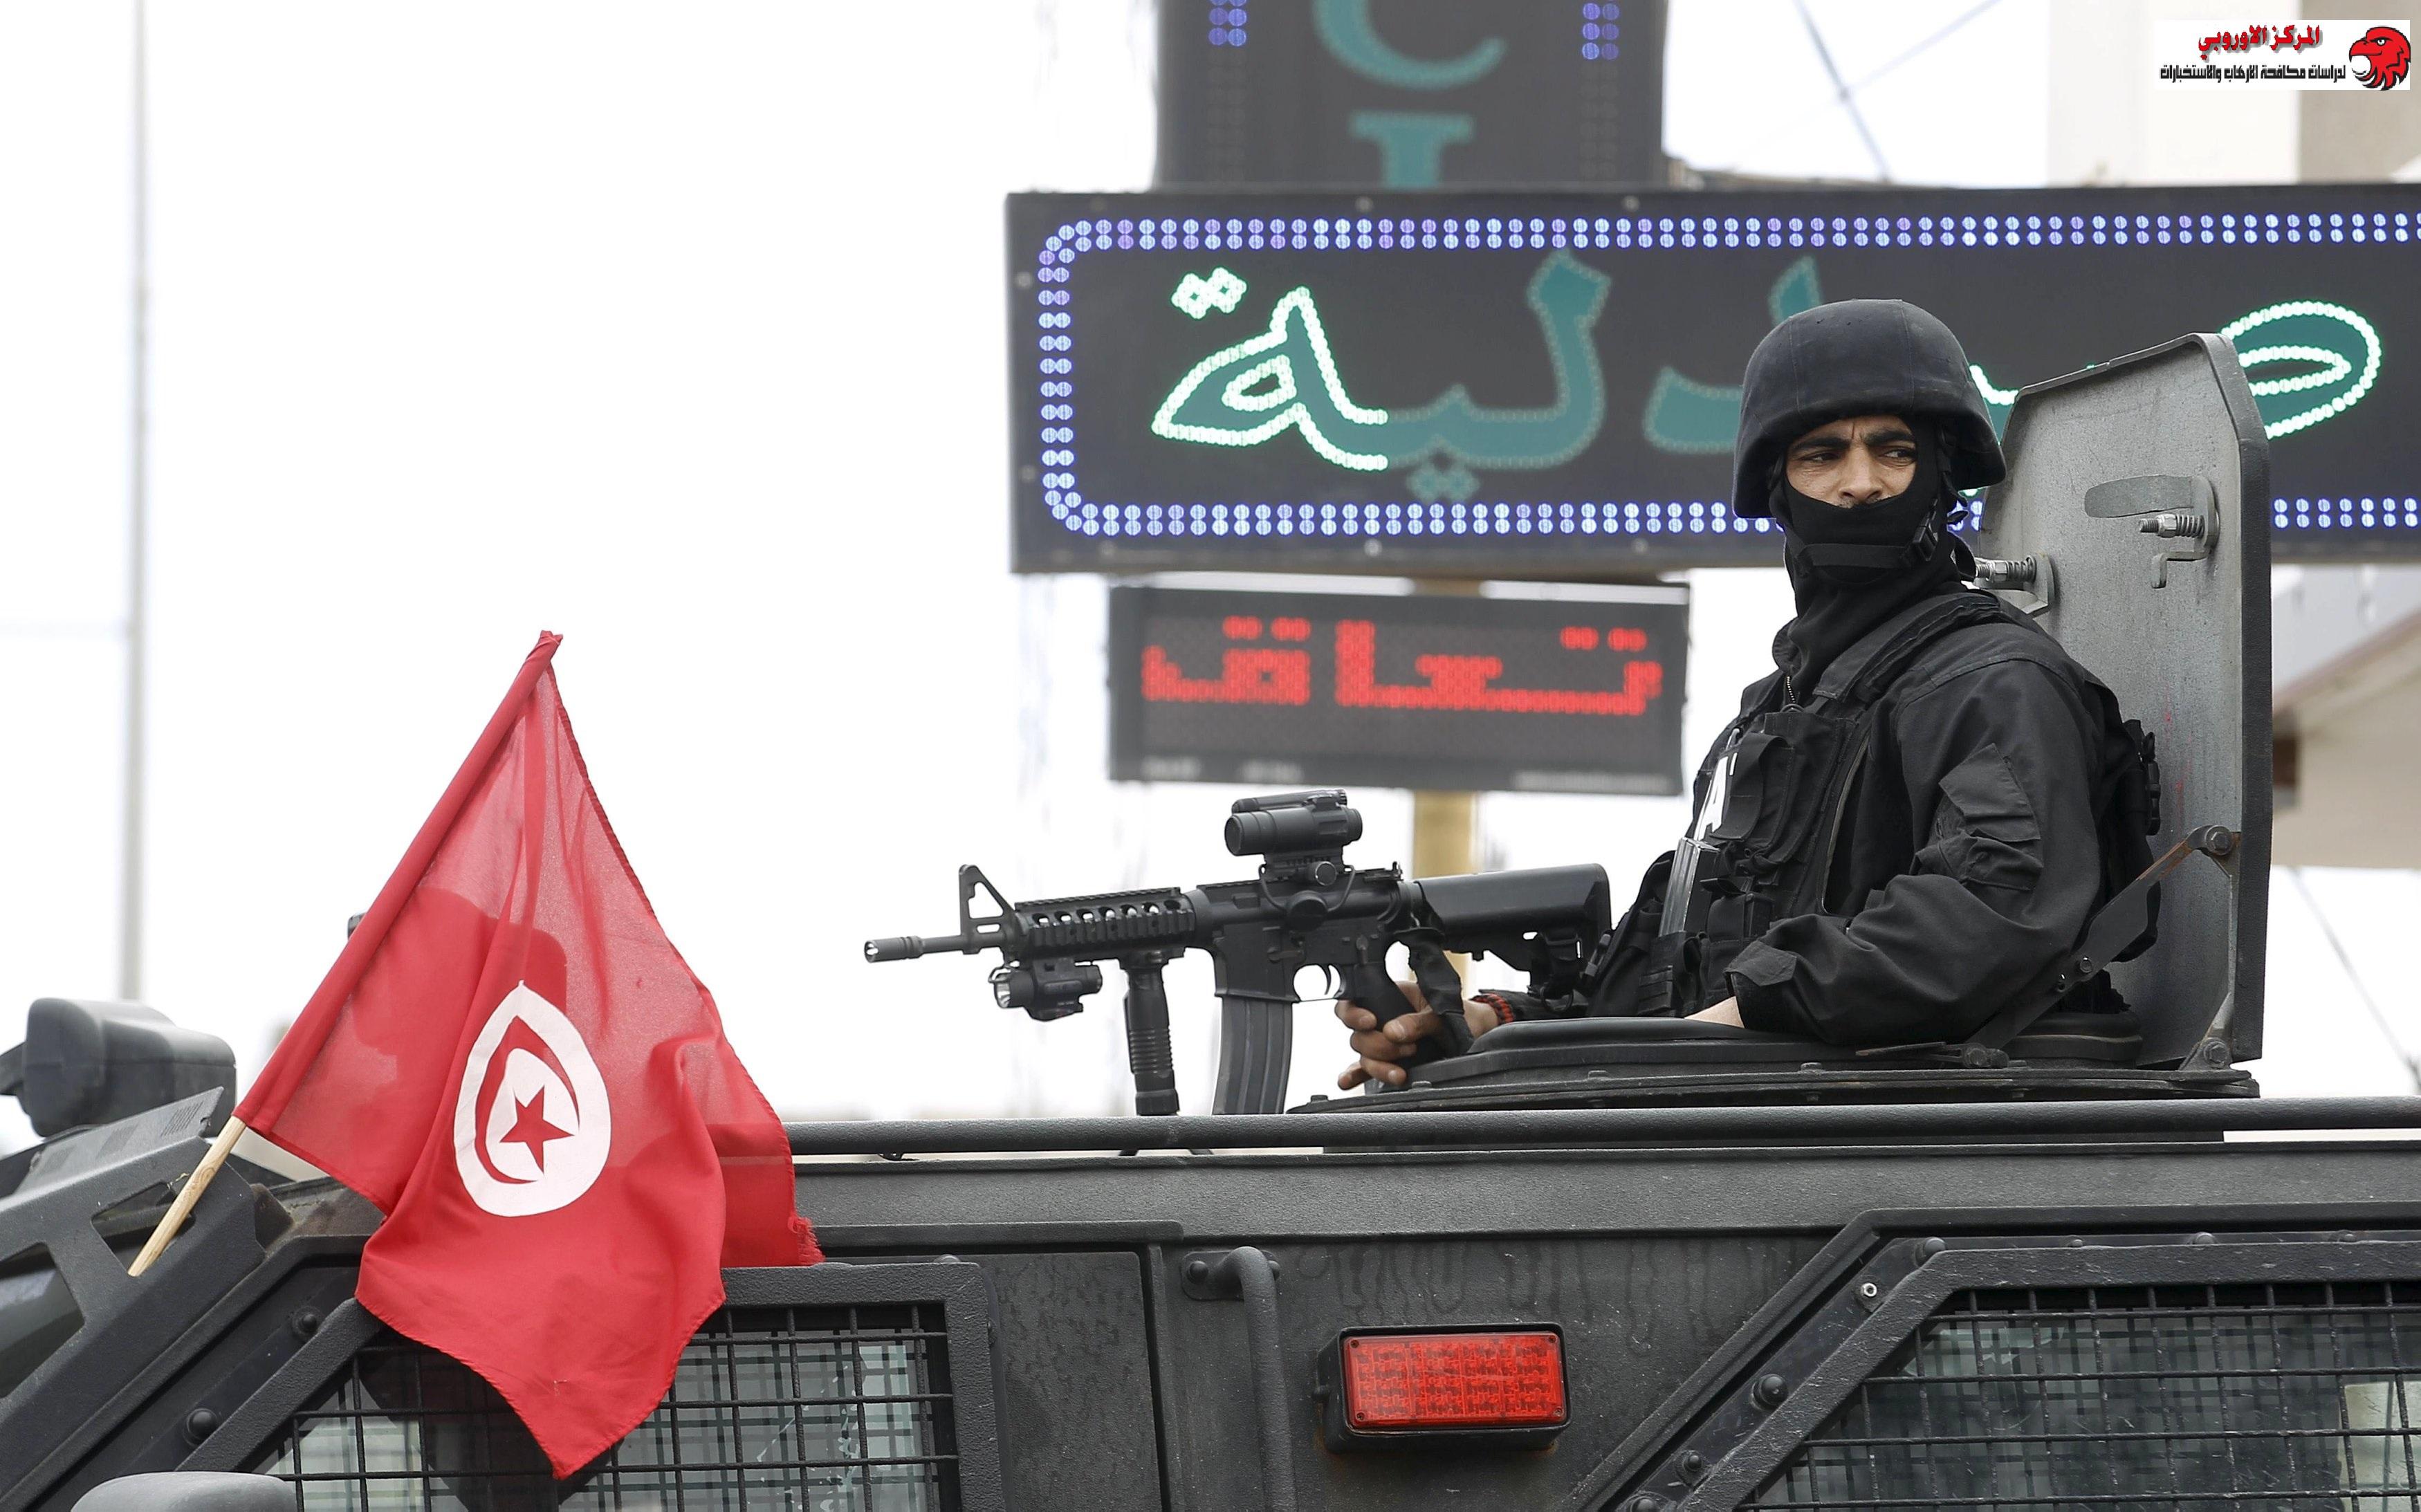 هل حقا تعافت منظومة المخابرات التونسية ؟ بقلم حلمي مليان